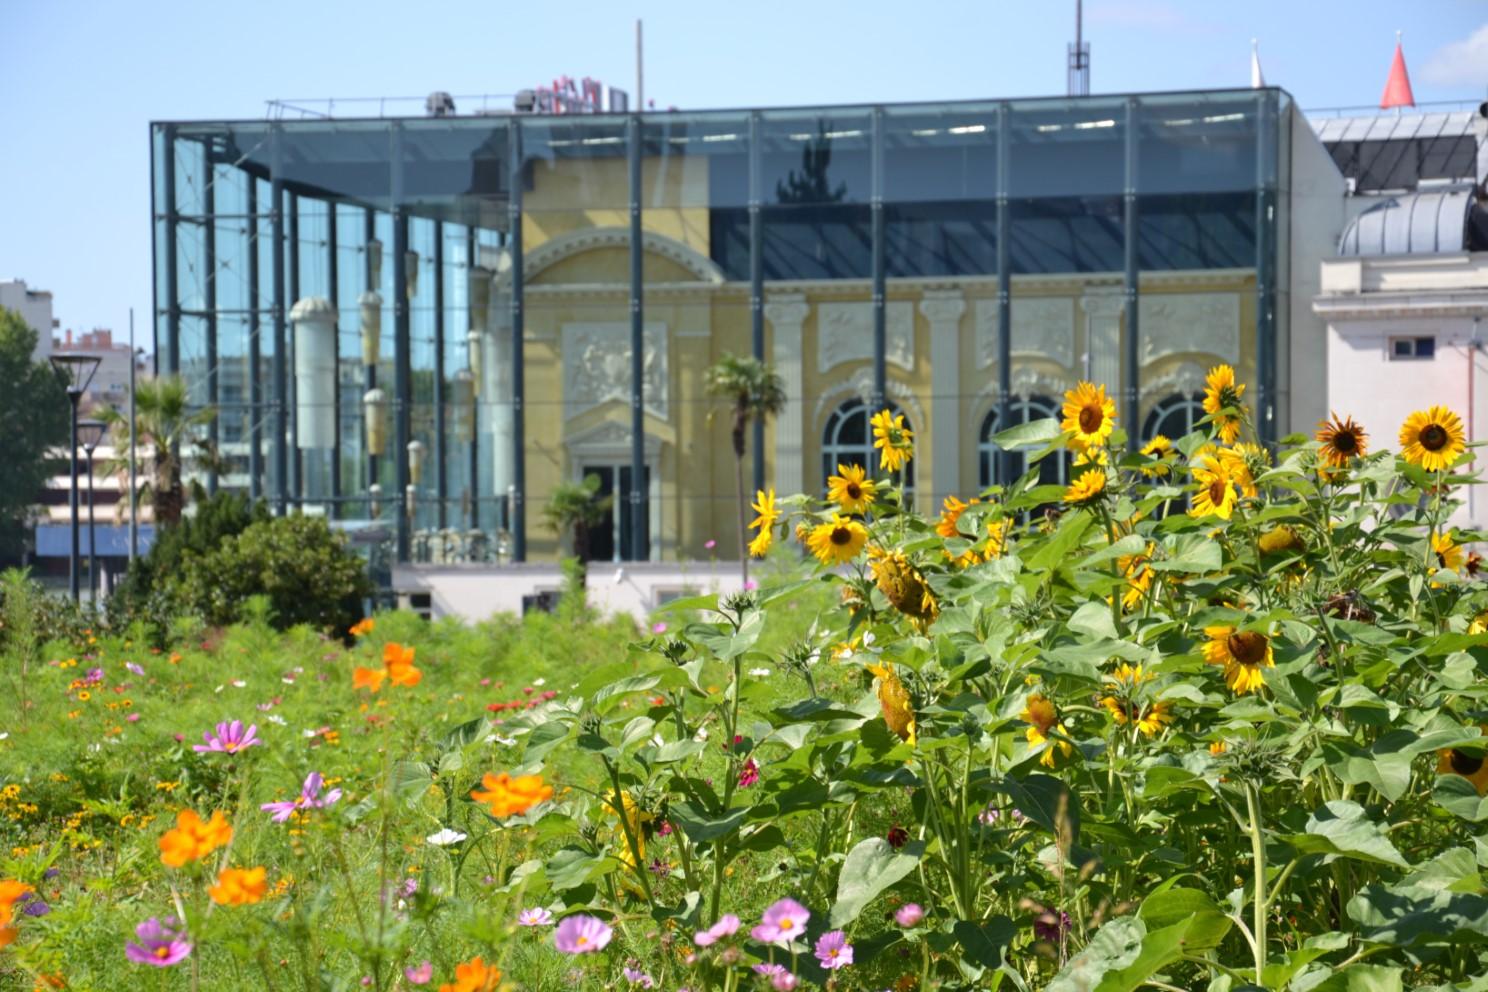 Août 2018 - Les tournesols du square Villemessant avec le Casino d'Enghien en arrière-plan.